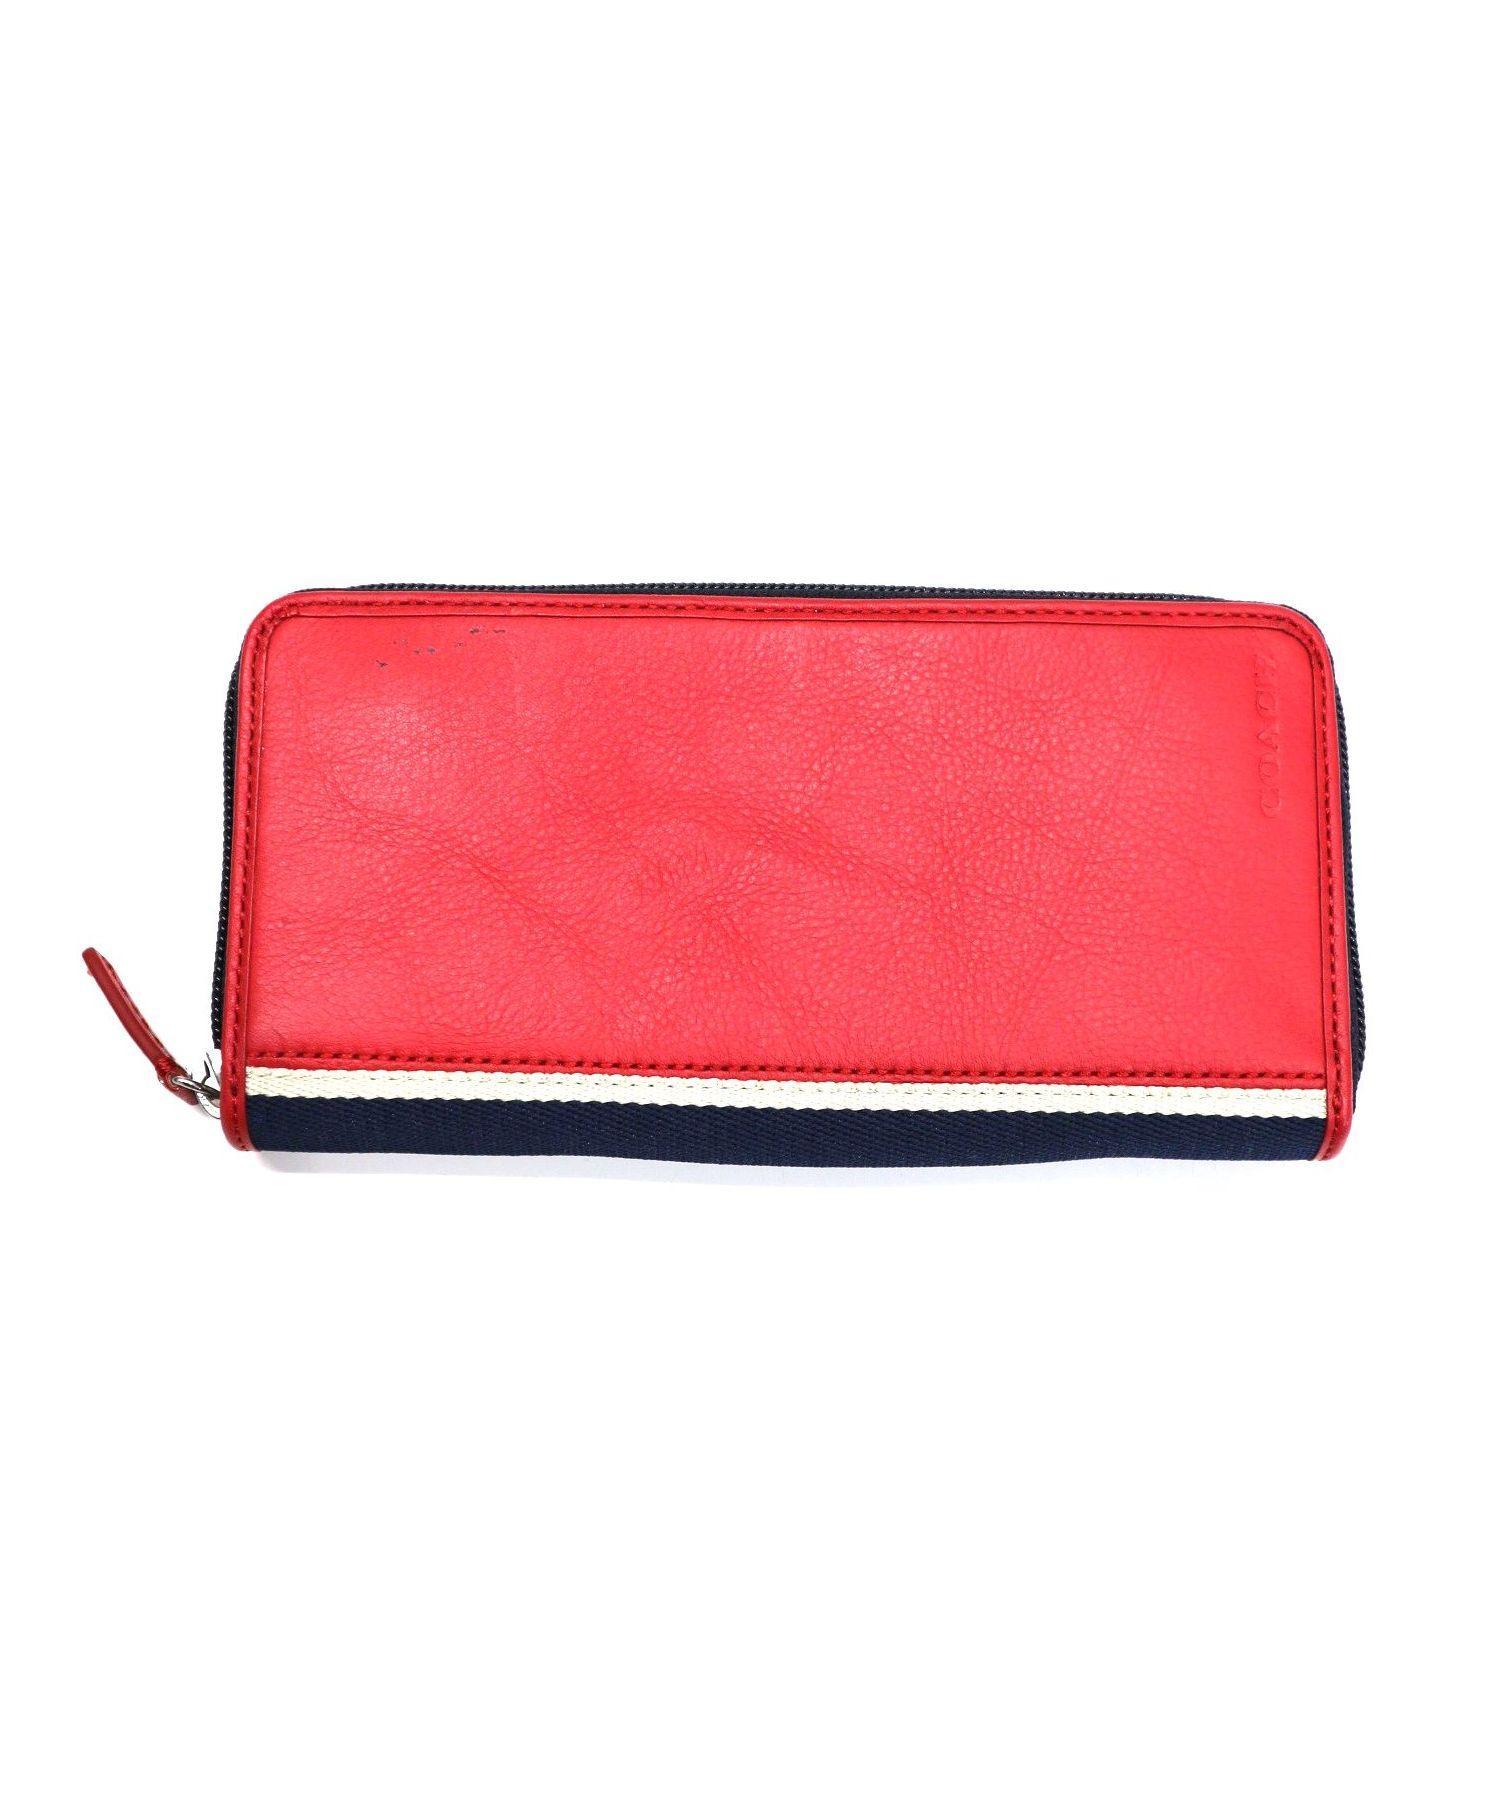 brand new fa6e4 772ef [中古]COACH(コーチ)のレディース 服飾小物 ラウンドファスナー長財布